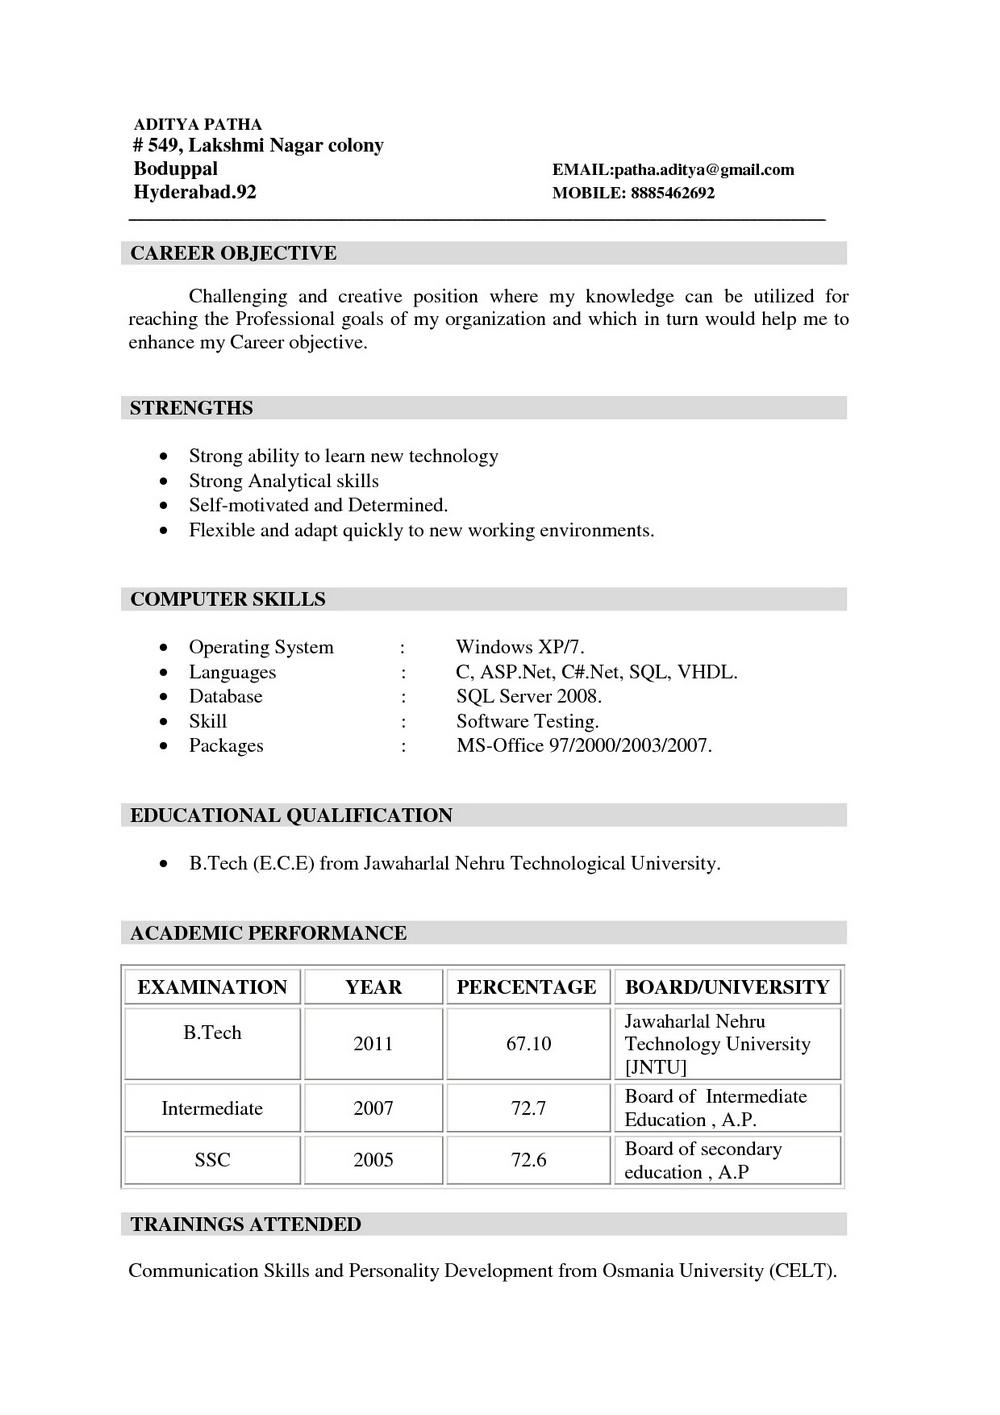 Free Resume Builder For Freshers